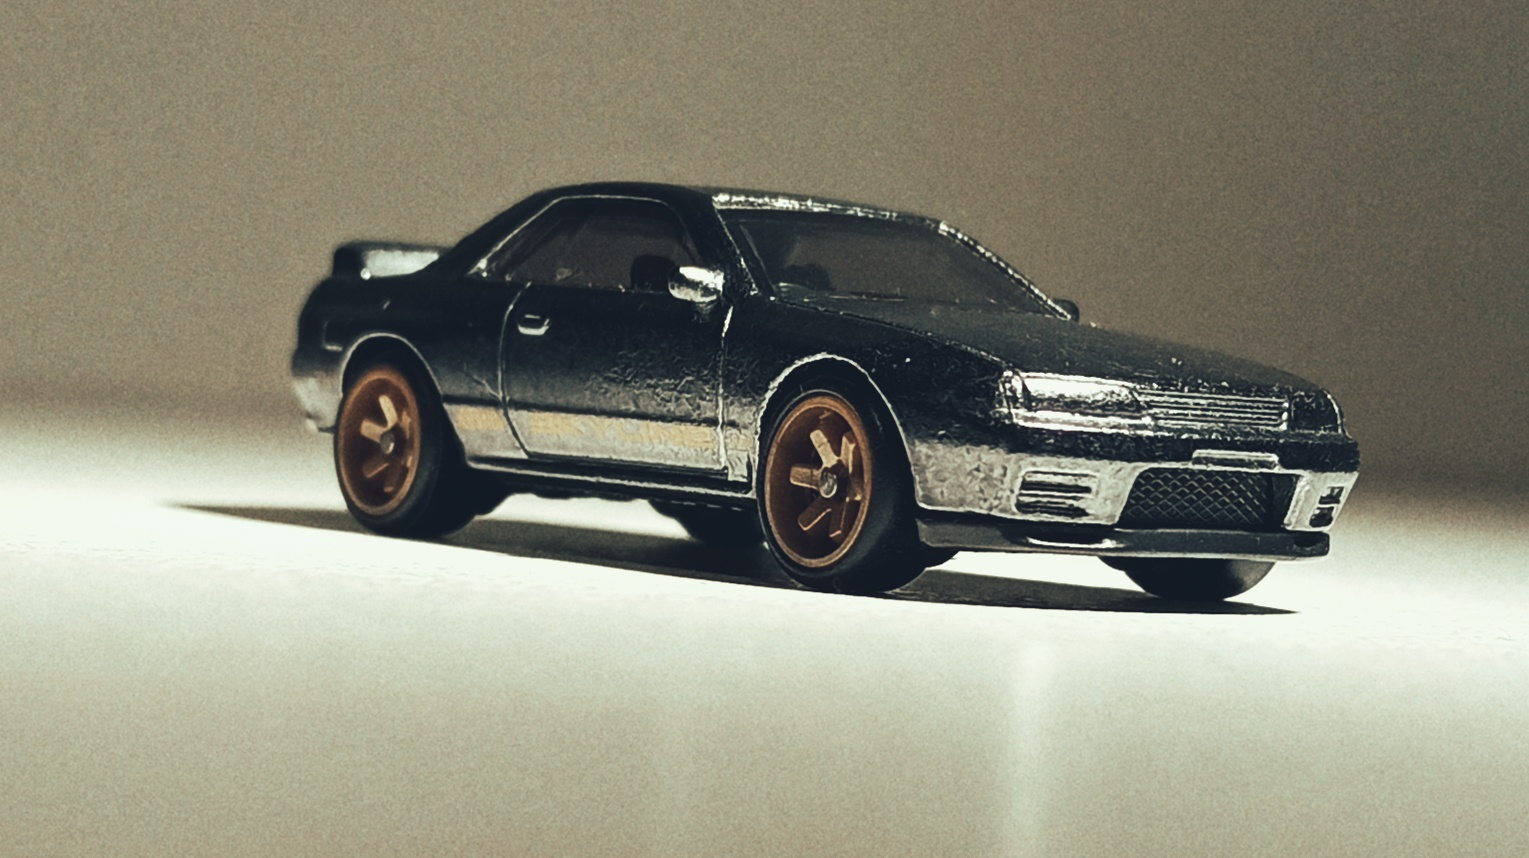 Hot Wheels Nissan Skyline GT-R (BNR32) (GHG23) 2020 (2/250) HW Turbo (5/5) spectraflame gunmetal grey Super Treasure Hunt (STH) front angle